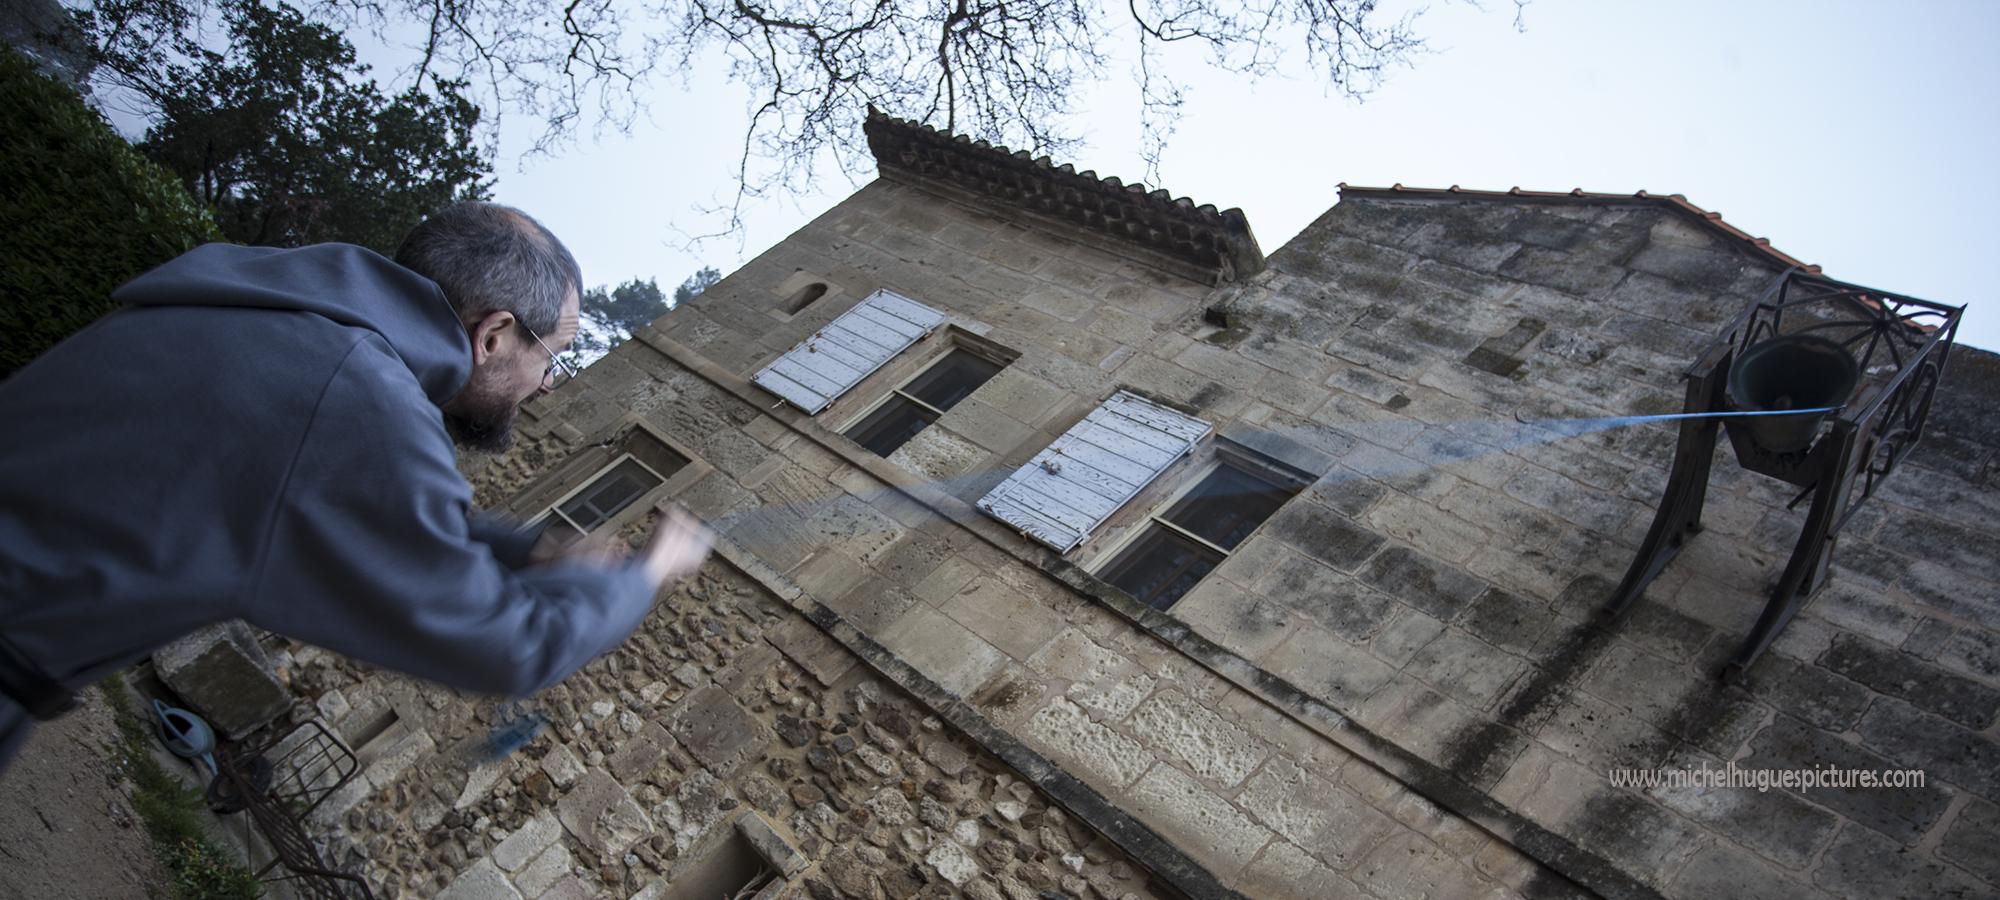 le Mas de Bouchaud, Prieuré et Chaix